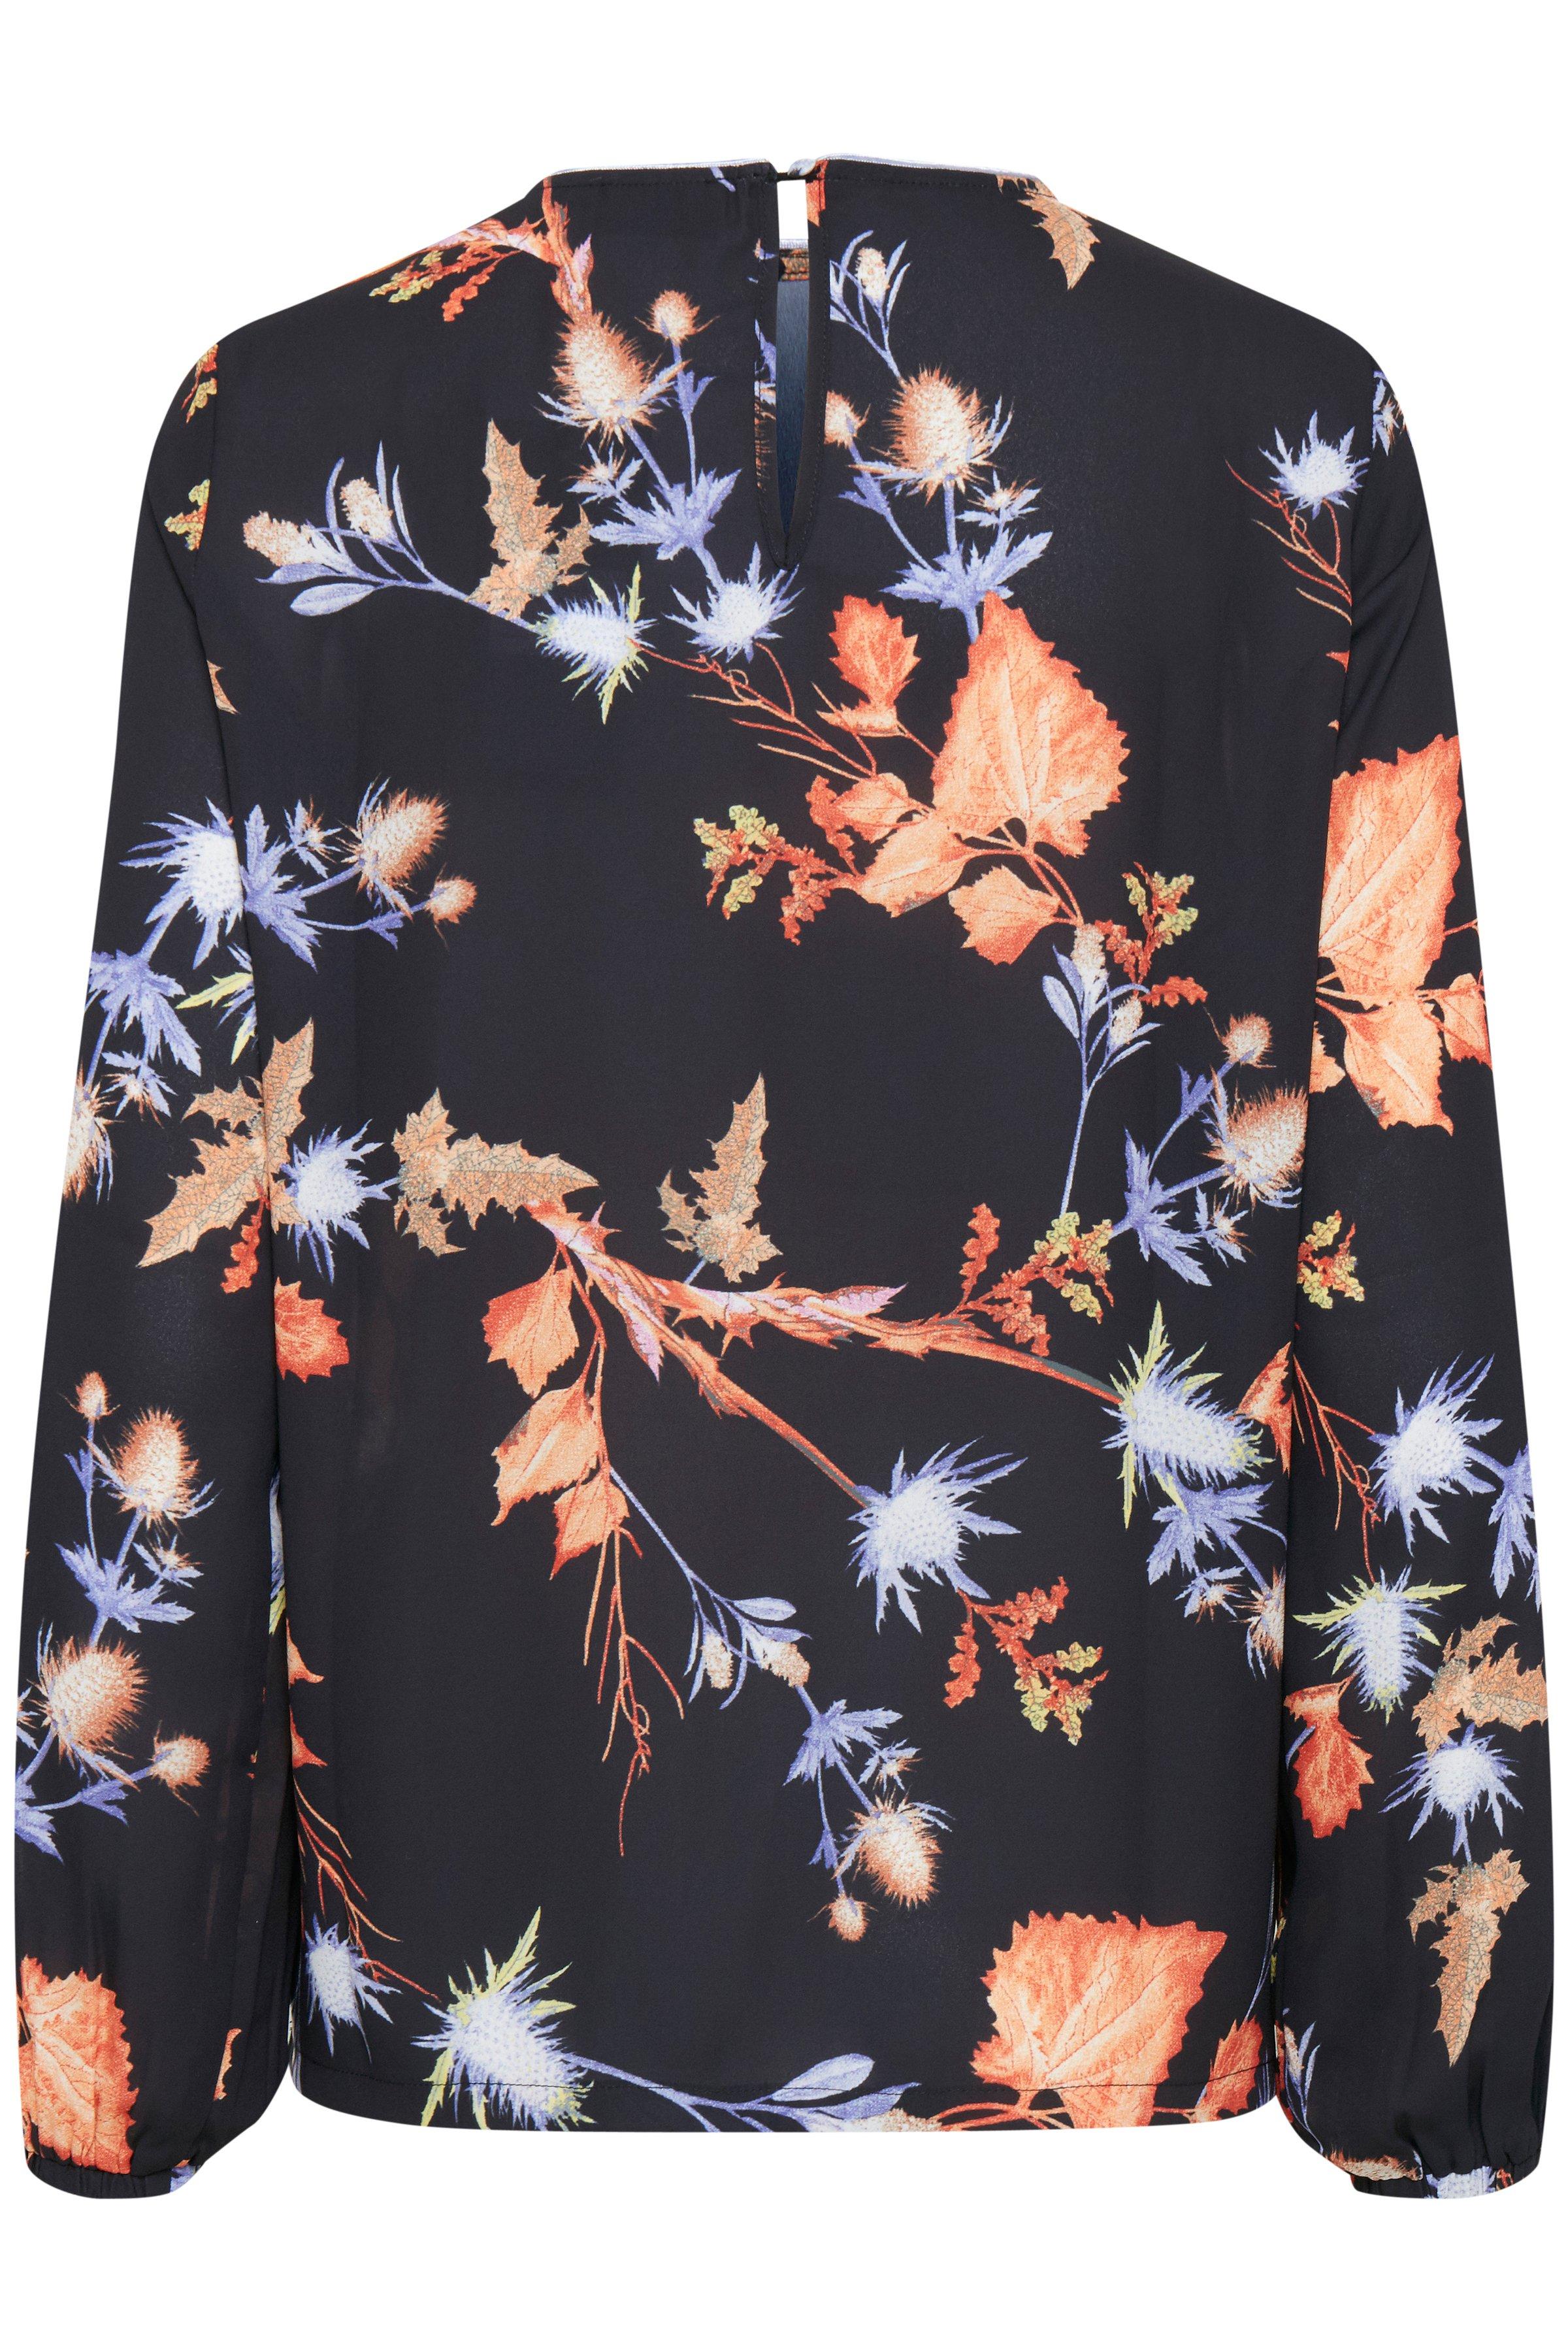 Black combi Langærmet bluse fra b.young – Køb Black combi Langærmet bluse fra str. 34-42 her